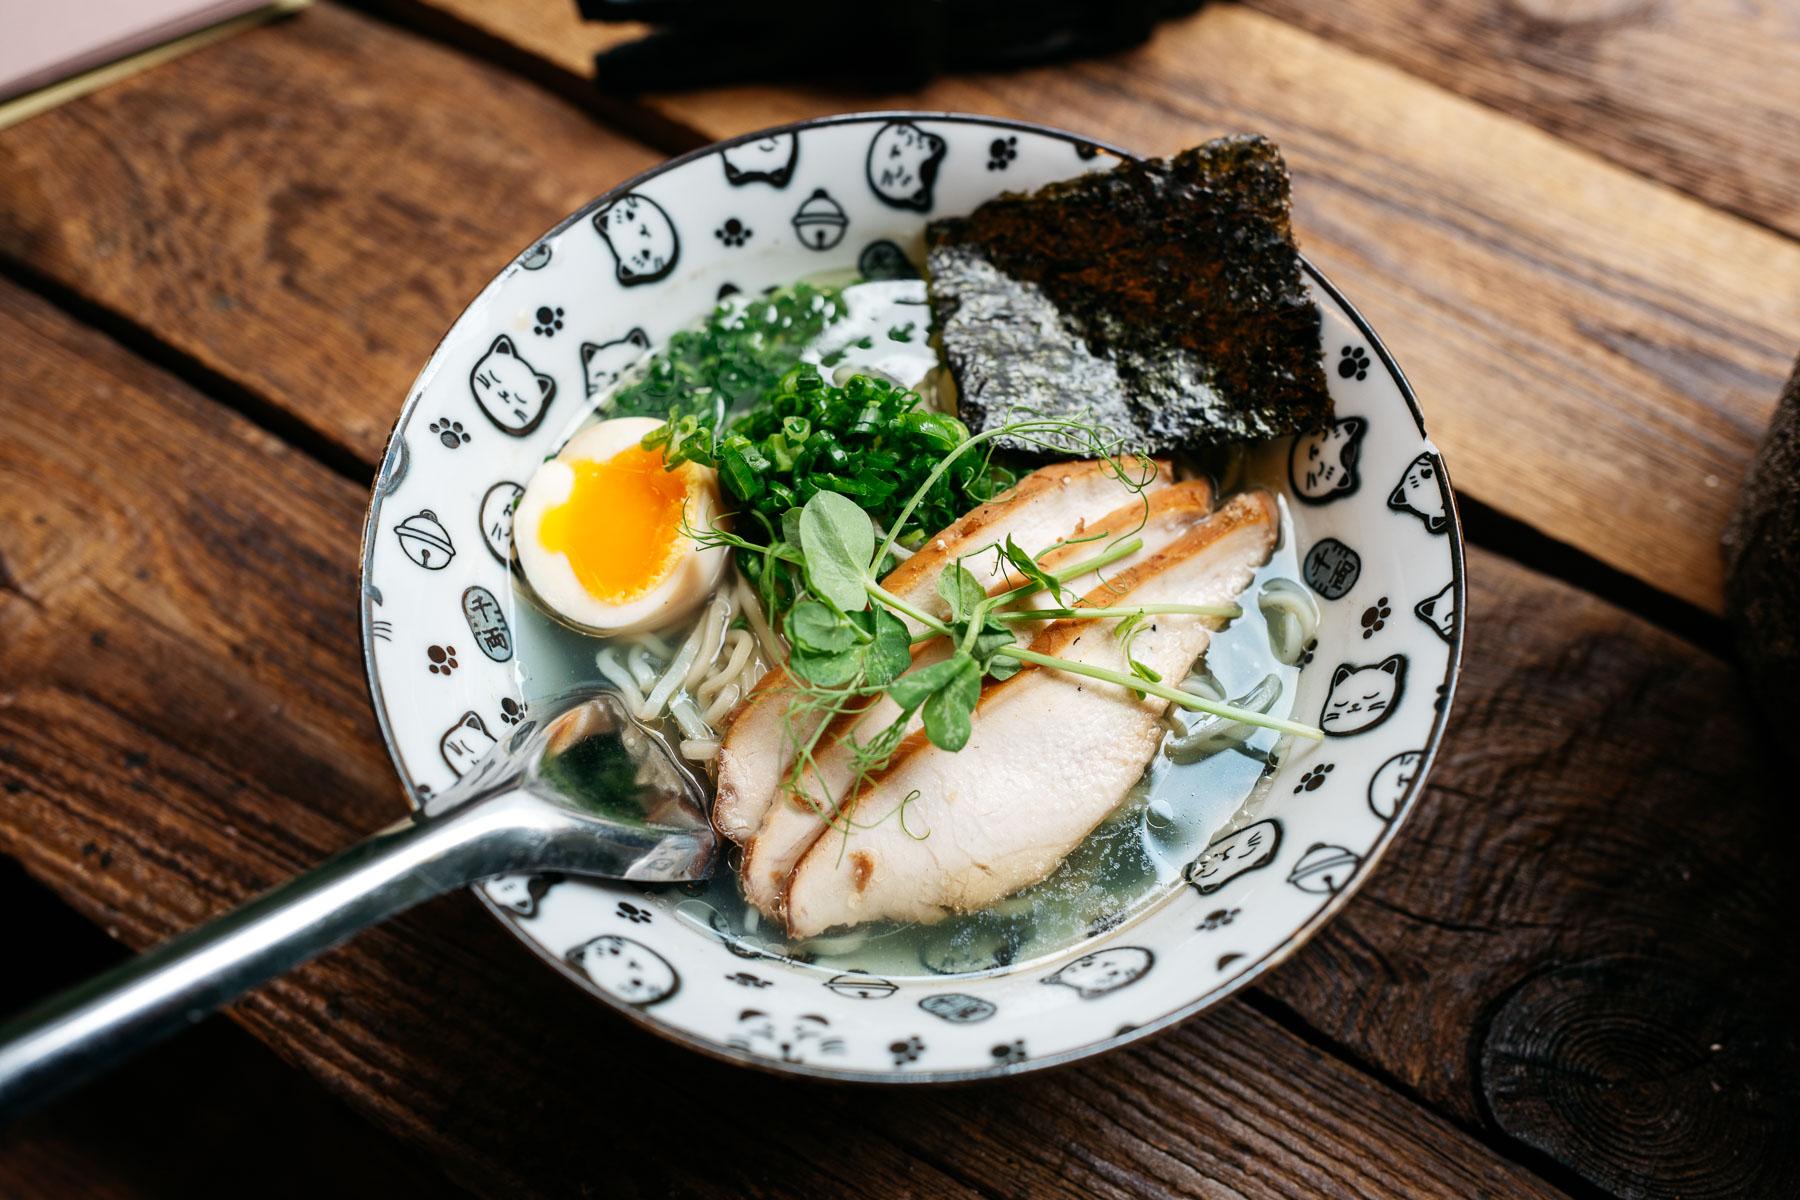 Shio blue ramen (pierś kurczaka, szczypior, jajko - 35 zł)